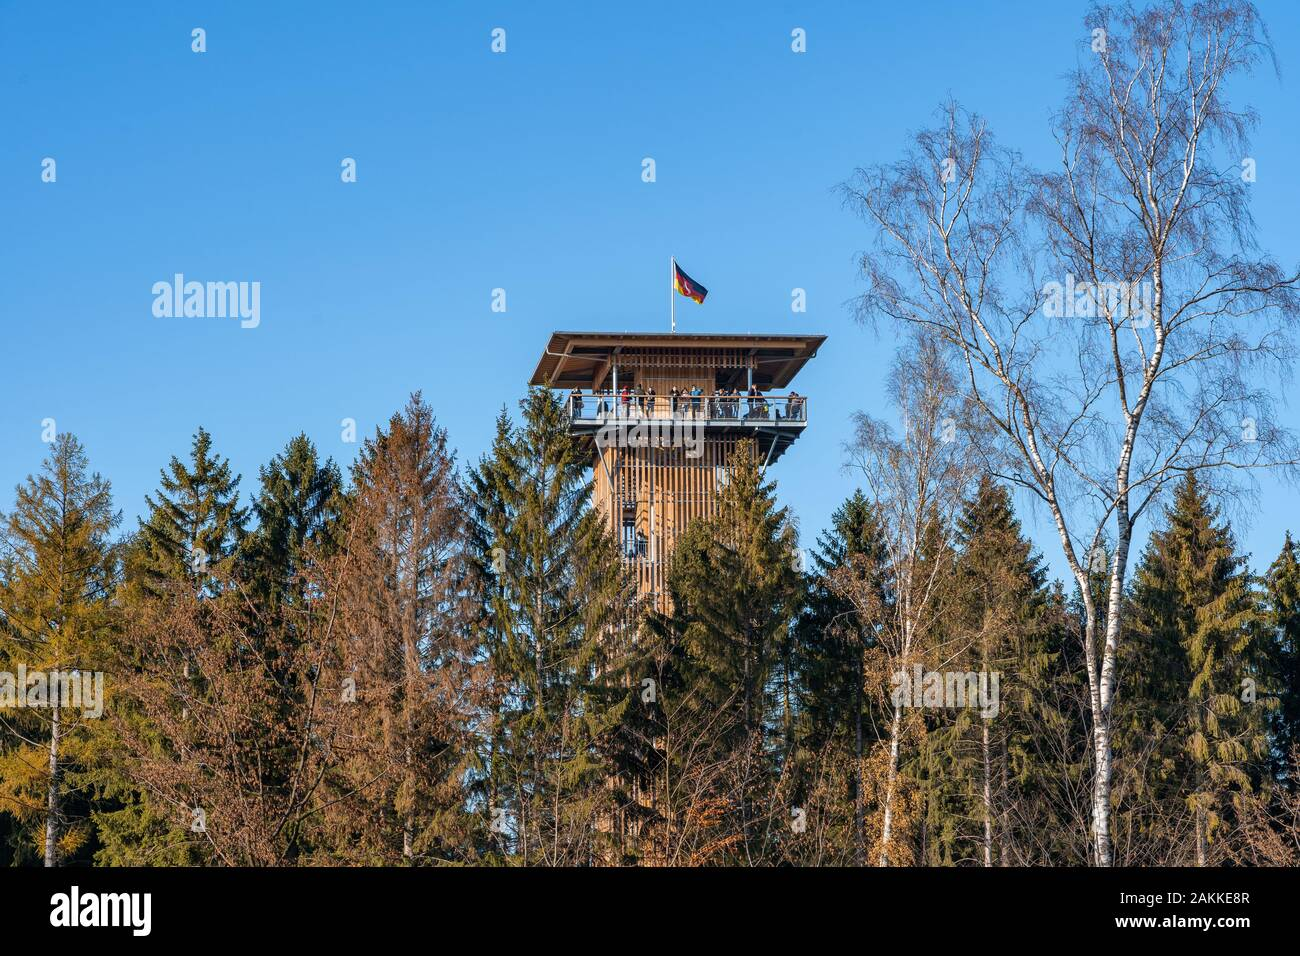 Luneberg, Allemagne - 10 Nov 2019: les touristes jusqu'à l'oublier dans la tour de Heide Wildlife Park avec drapeau allemand sur le dessus Banque D'Images